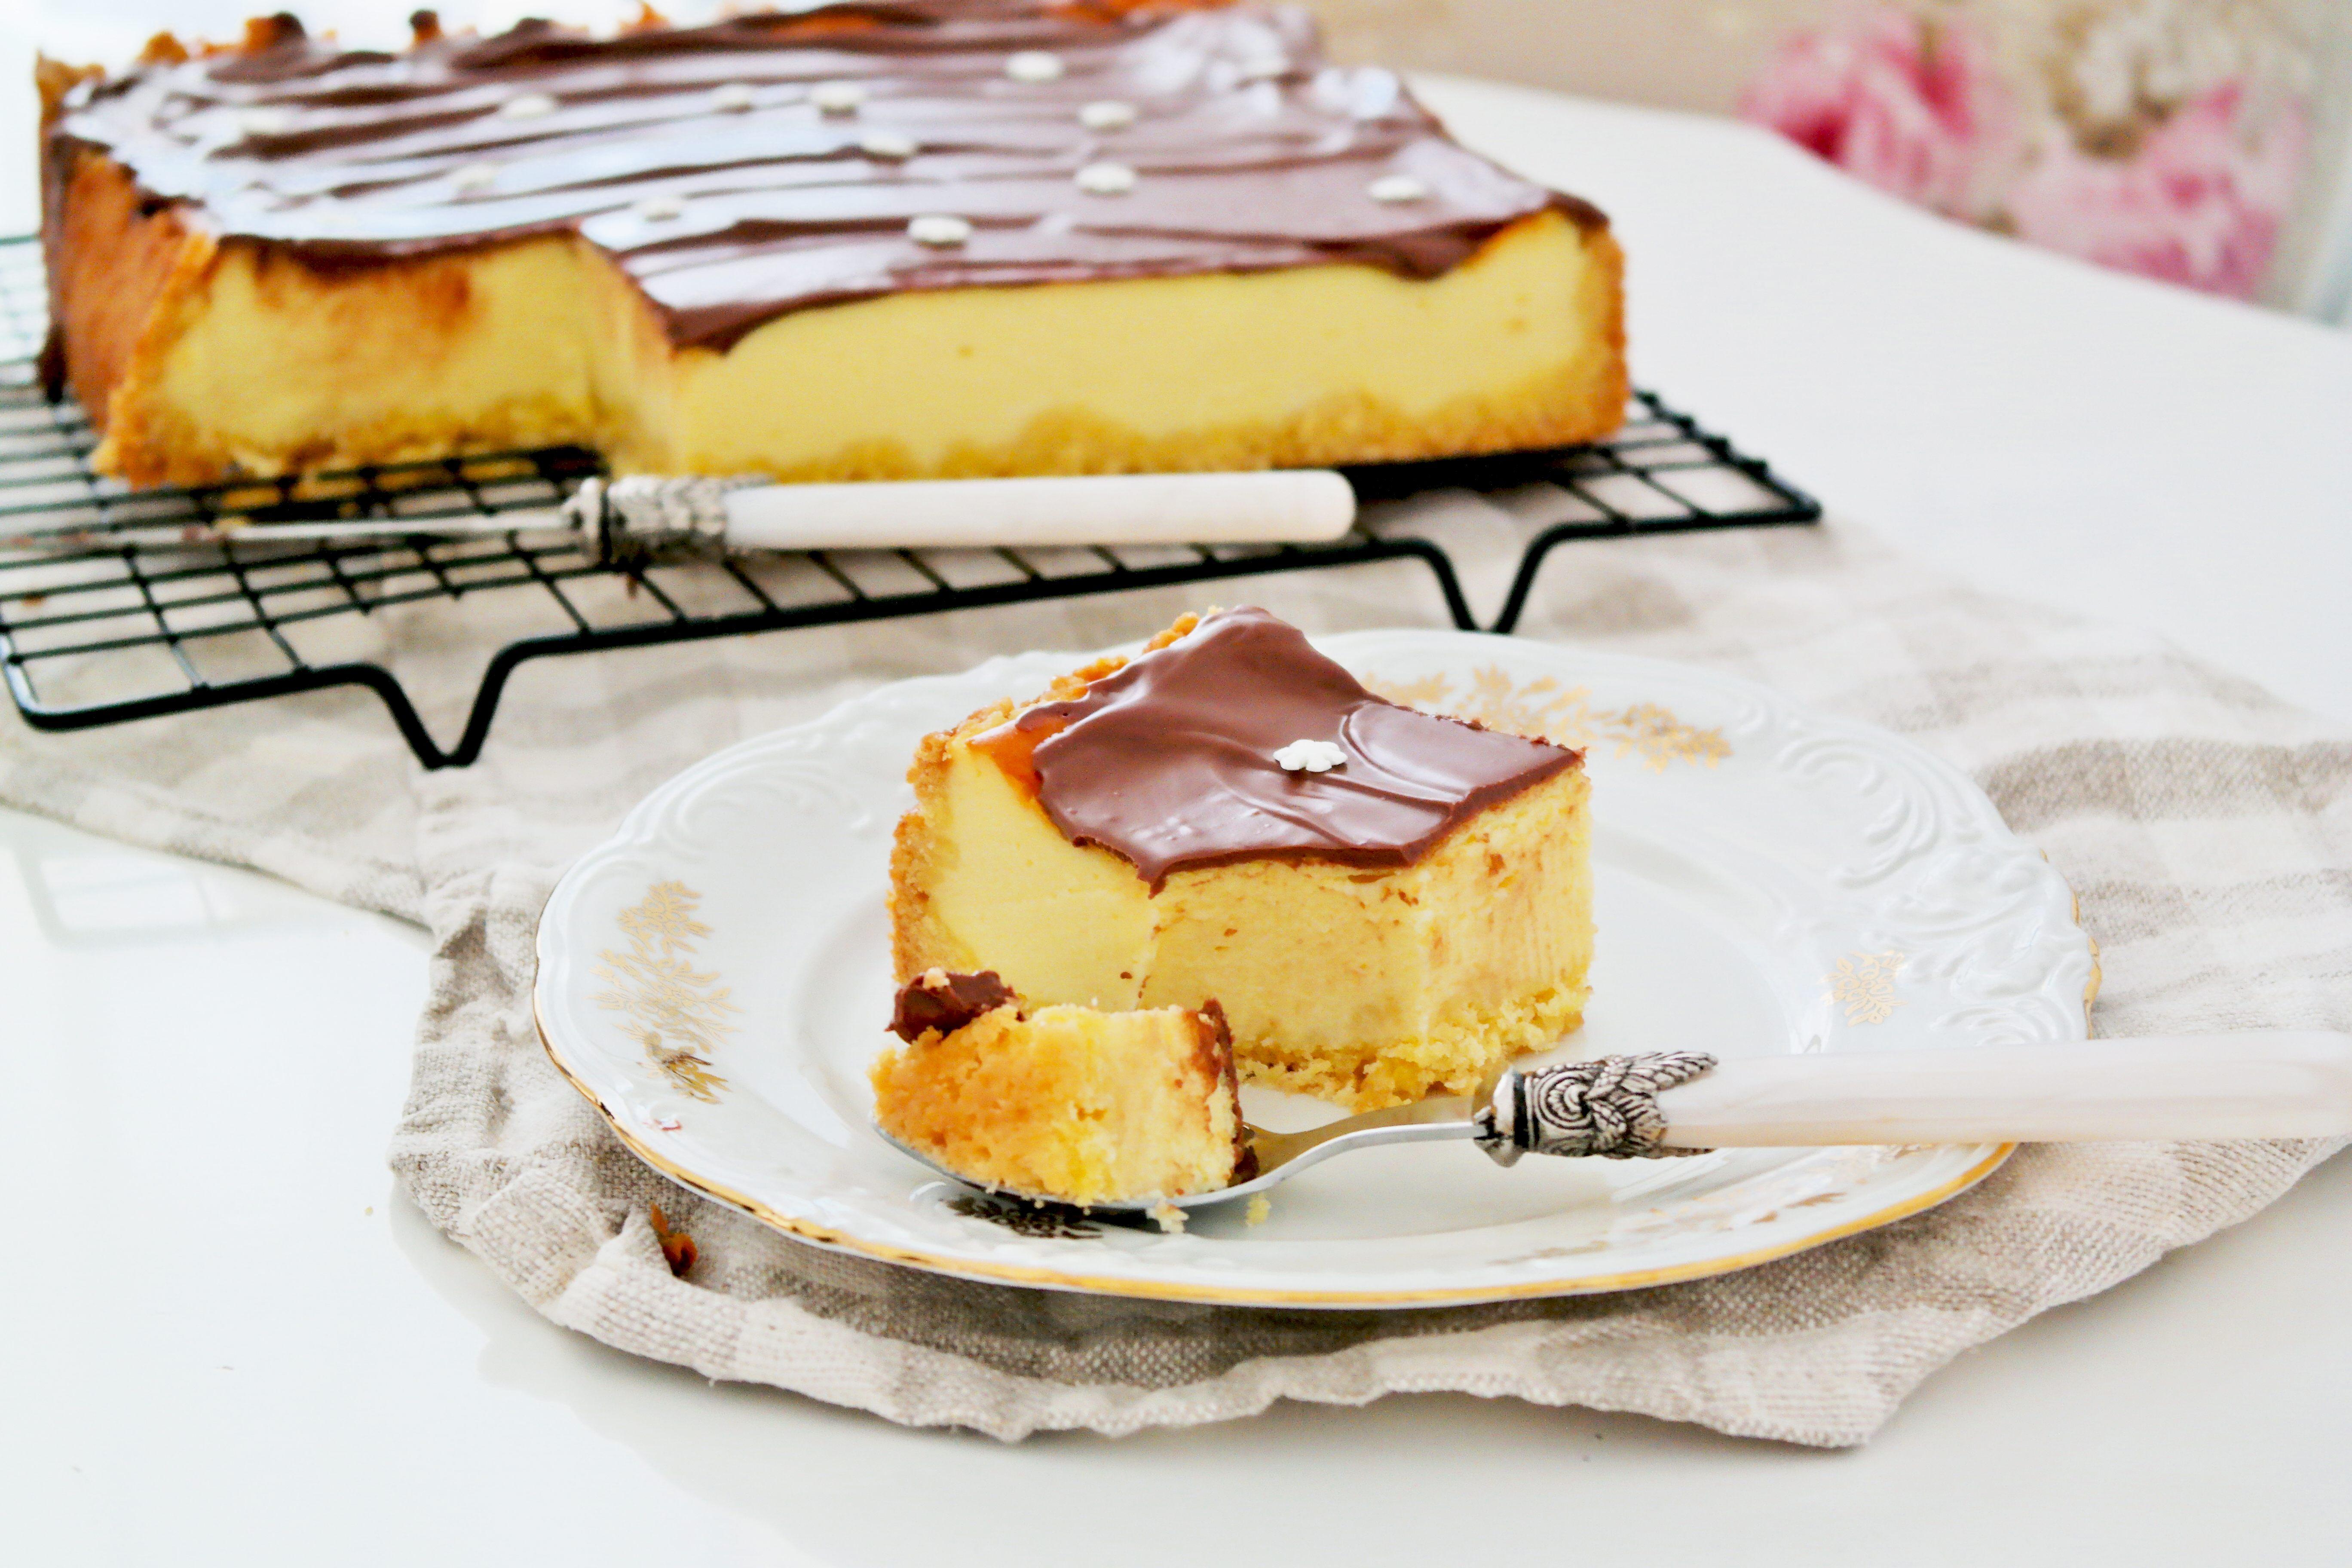 Receta de tarta de queso de un balde sobre una base crujiente